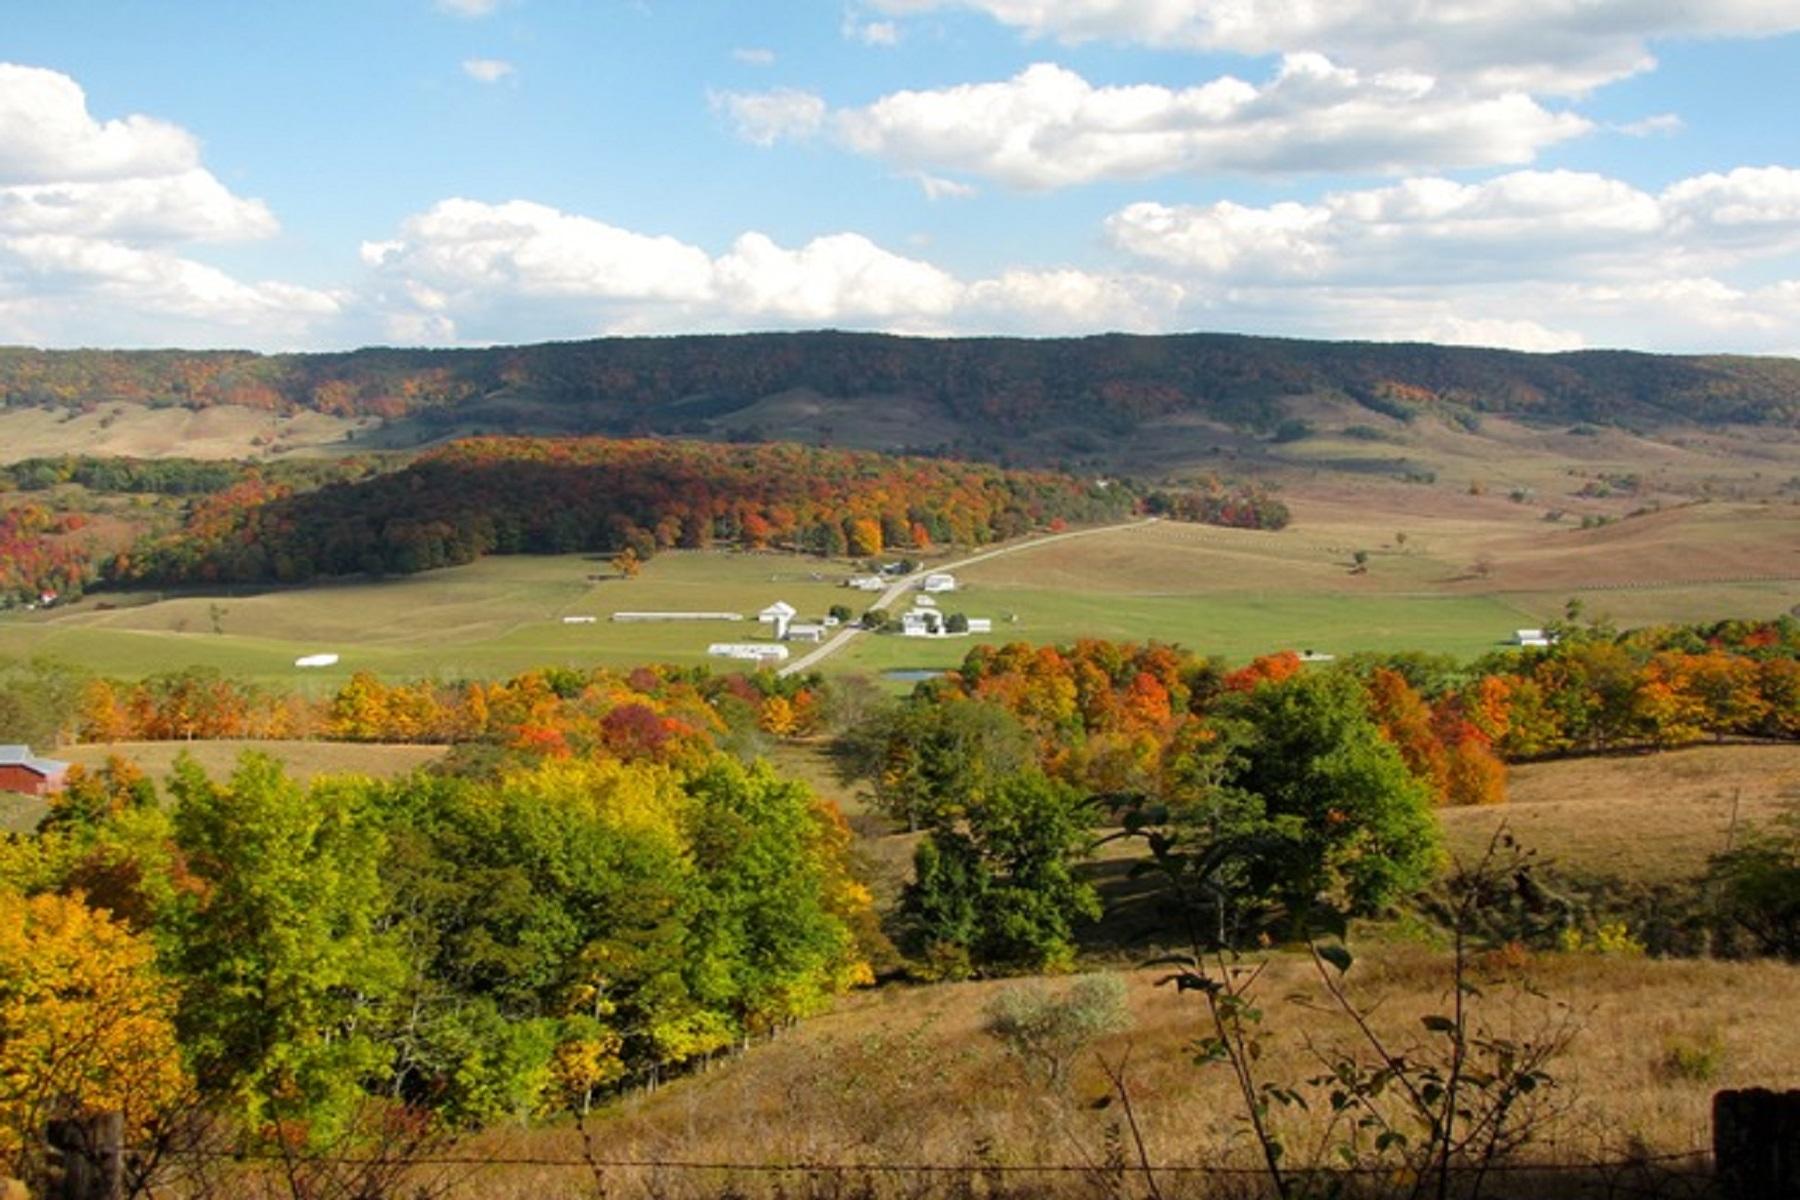 Ferme / Ranch / Plantation pour l Vente à Dividing Waters Farm 5573 Mountain Tpke Monterey, Virginia 24465 États-Unis